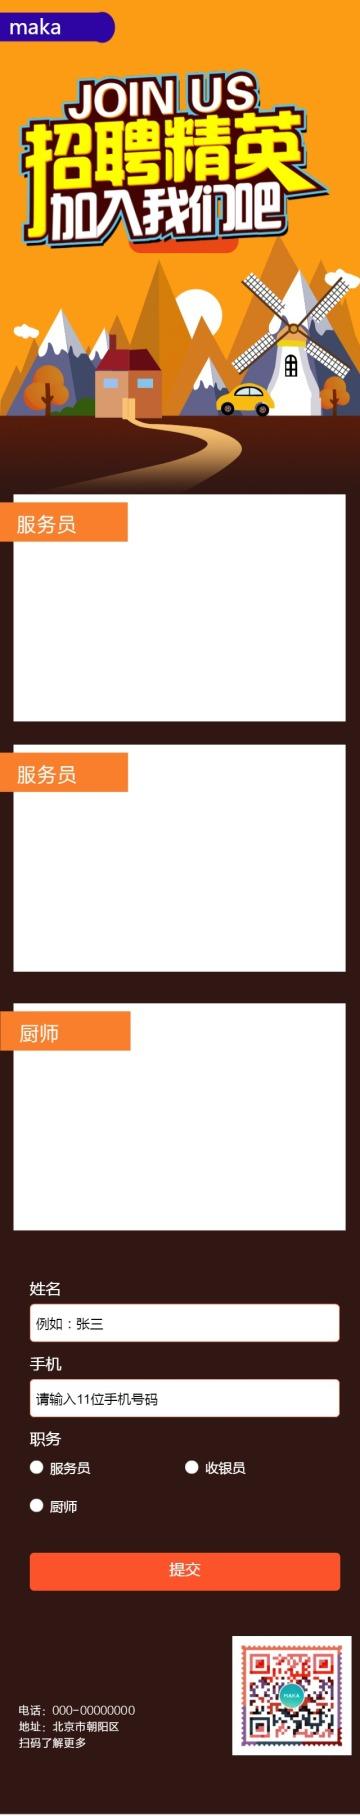 橘色简洁大方互联网各行业招聘单页